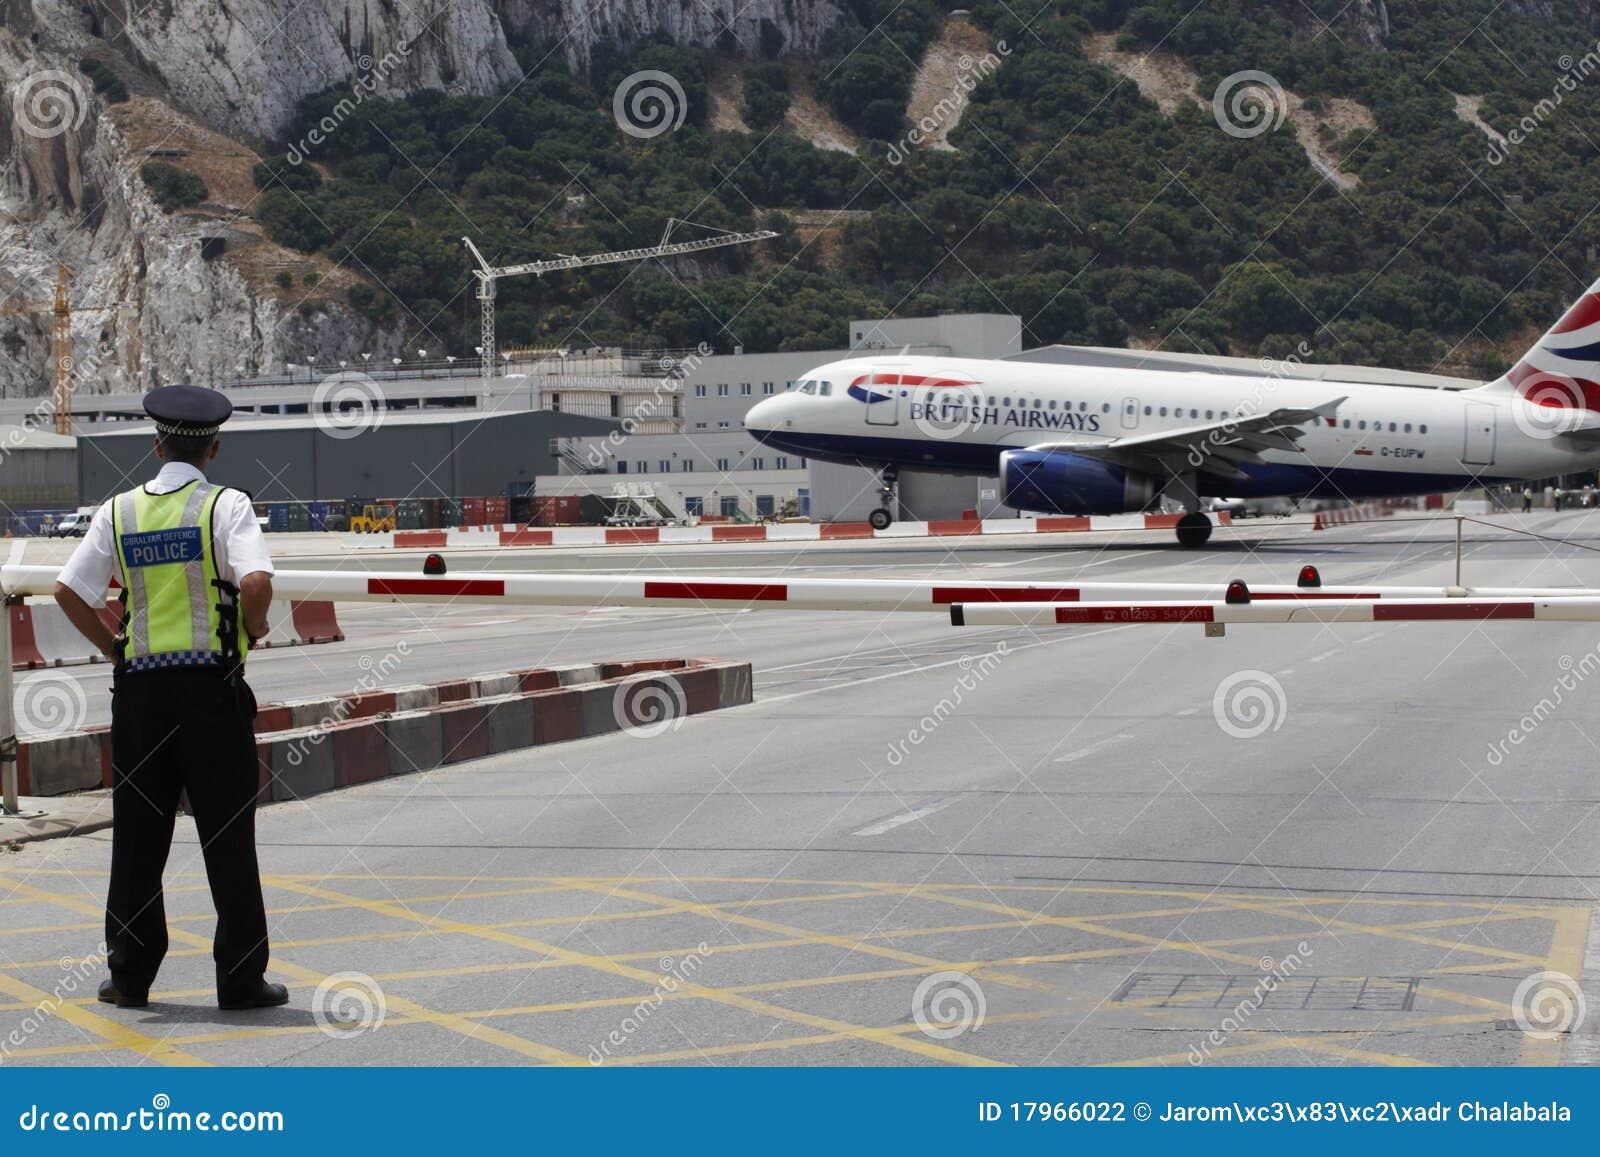 Aeroporto Gibilterra : Aeroporto della gibilterra fotografia editoriale immagine